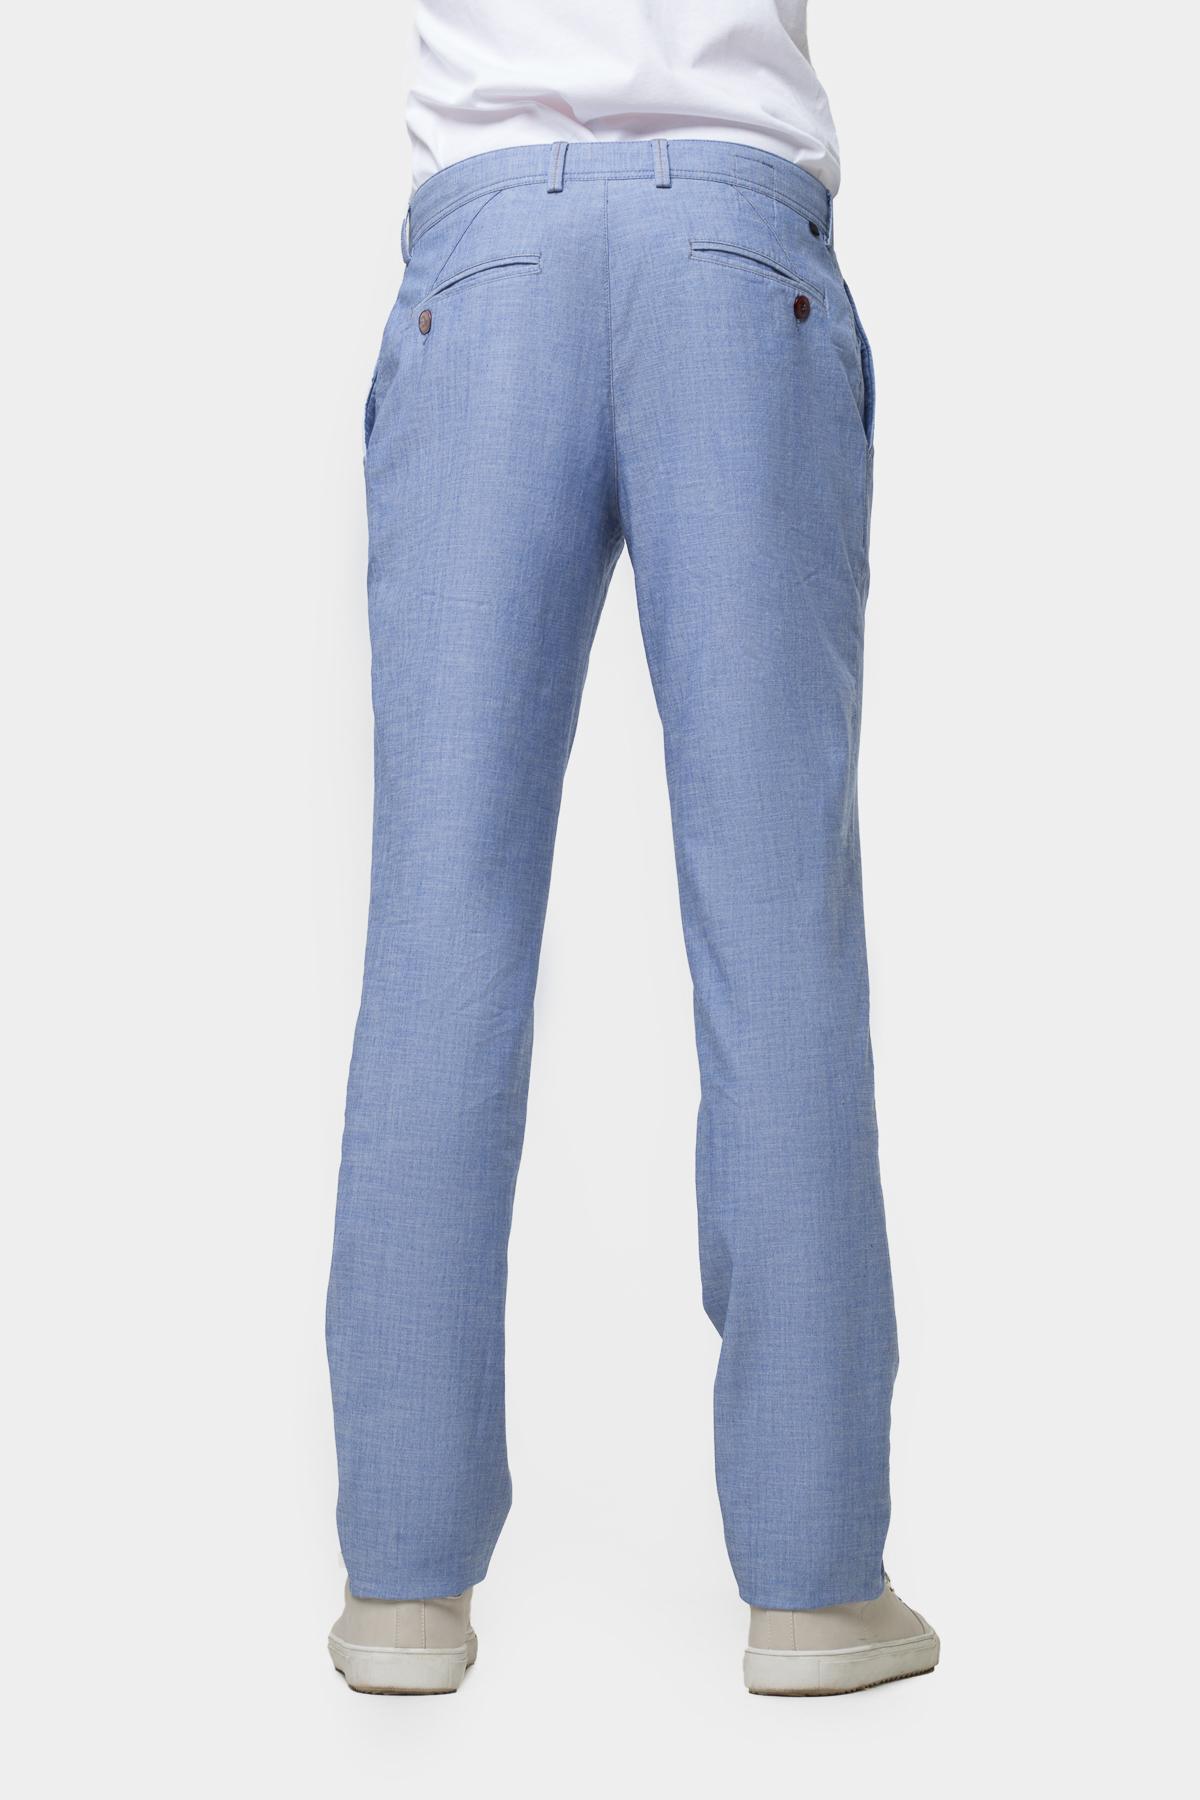 Зауженные брюки «chinos»,  из  хлопка.  Vaismann  21510